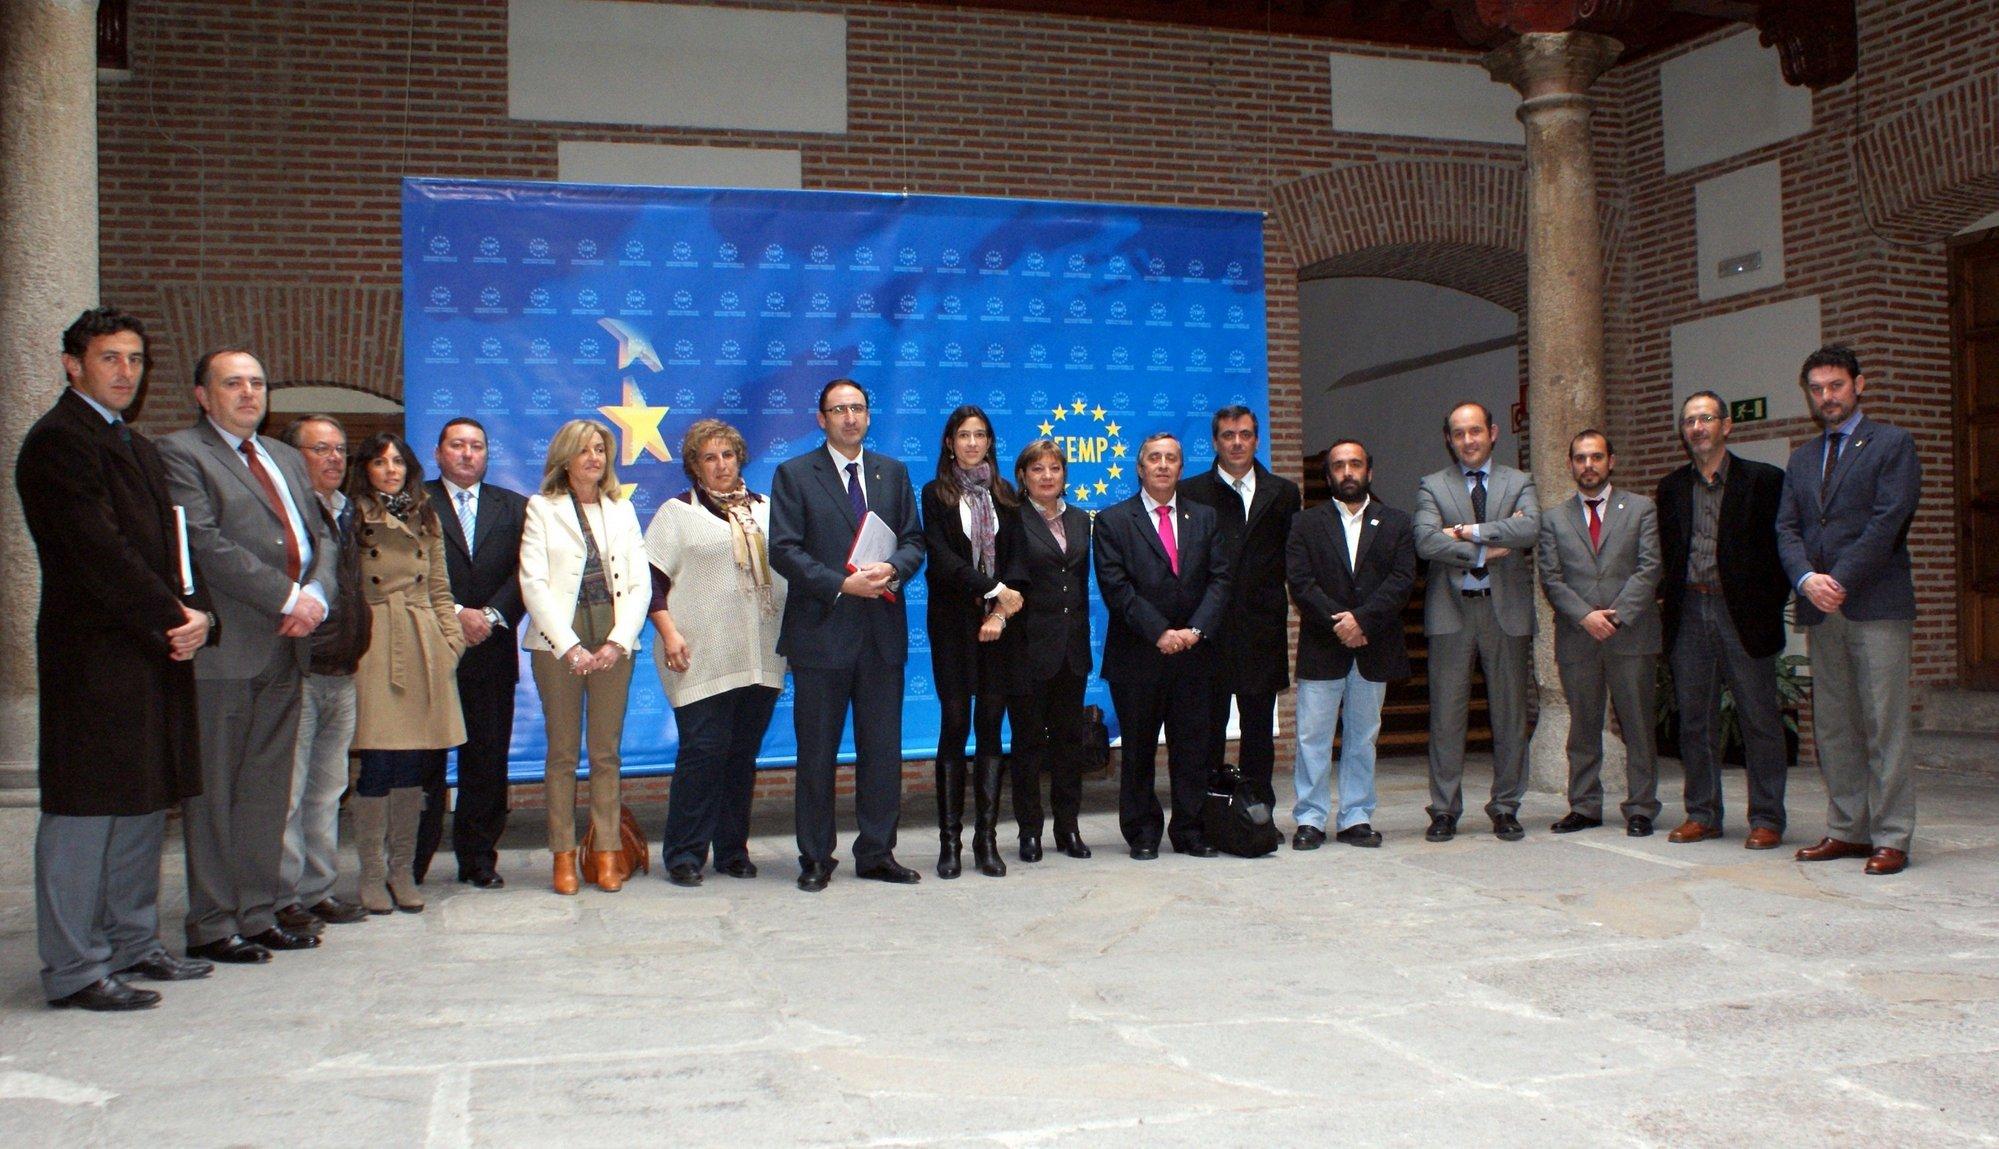 El alcalde de Palencia, presidente de la Comisión de Cooperación al Desarrollo de la FEMP